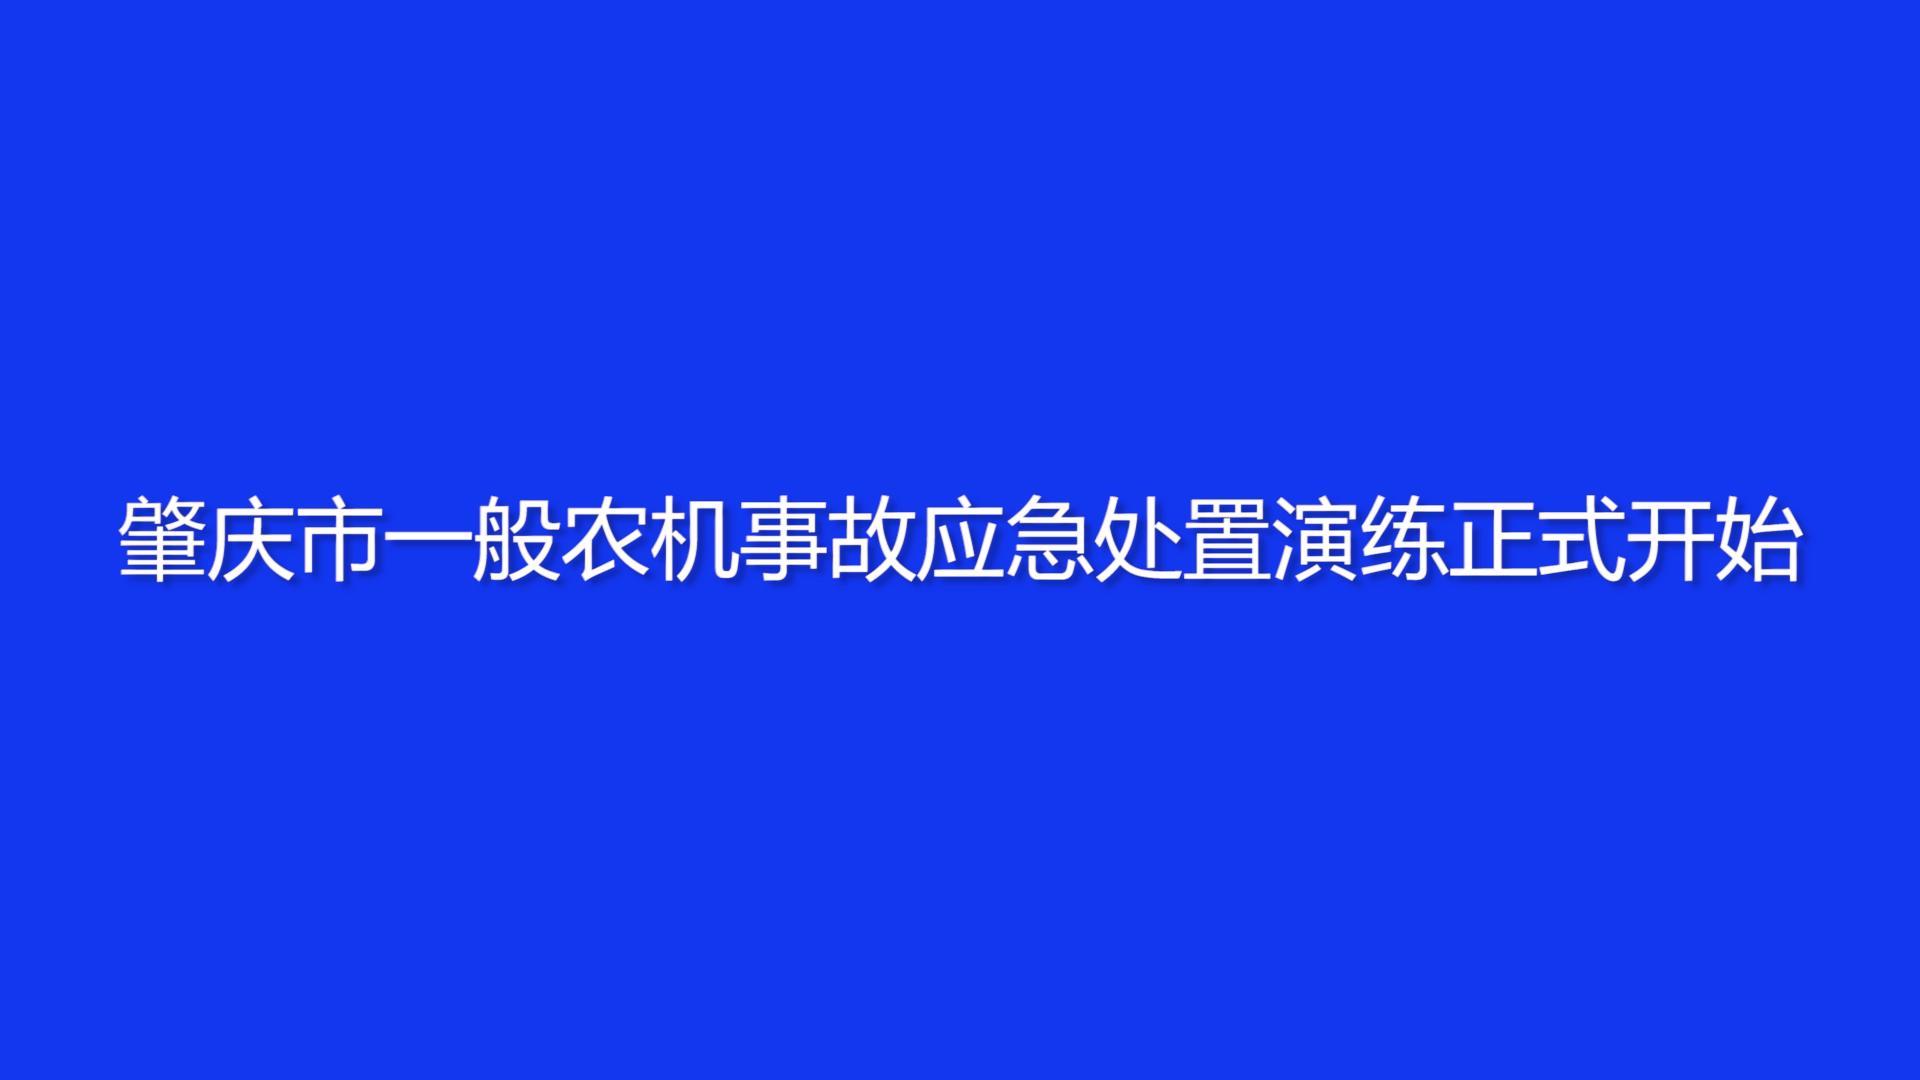 肇庆一般农机事故应急处置演练